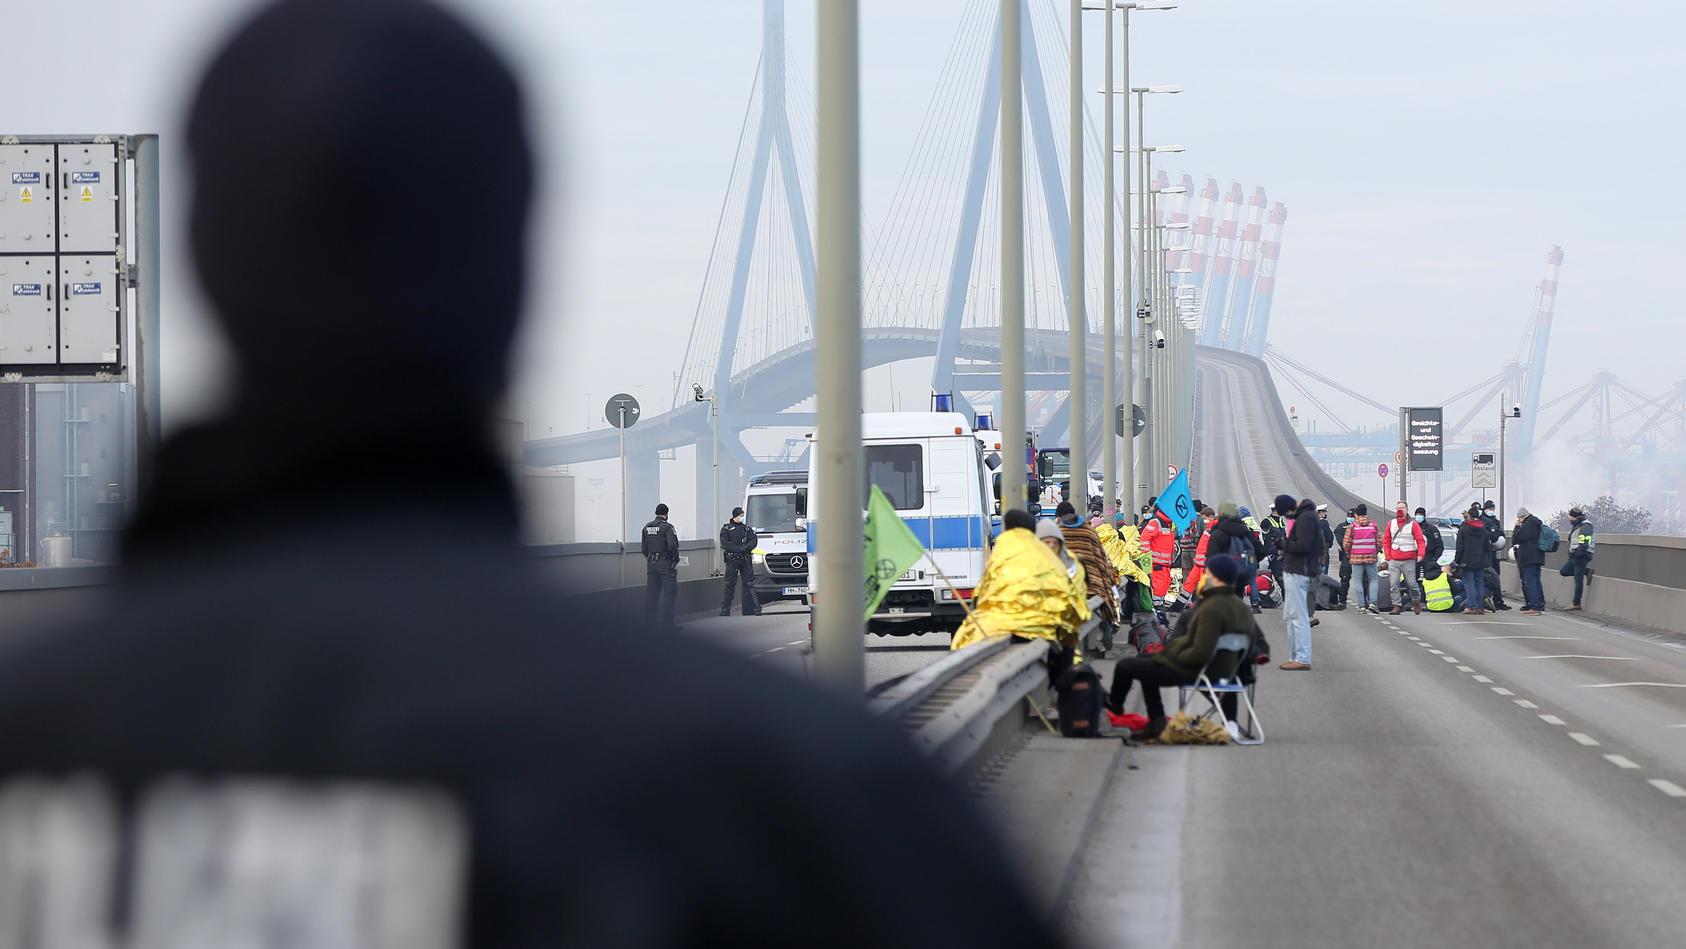 Umweltaktivisten protestieren an Autobahn - Hamburg